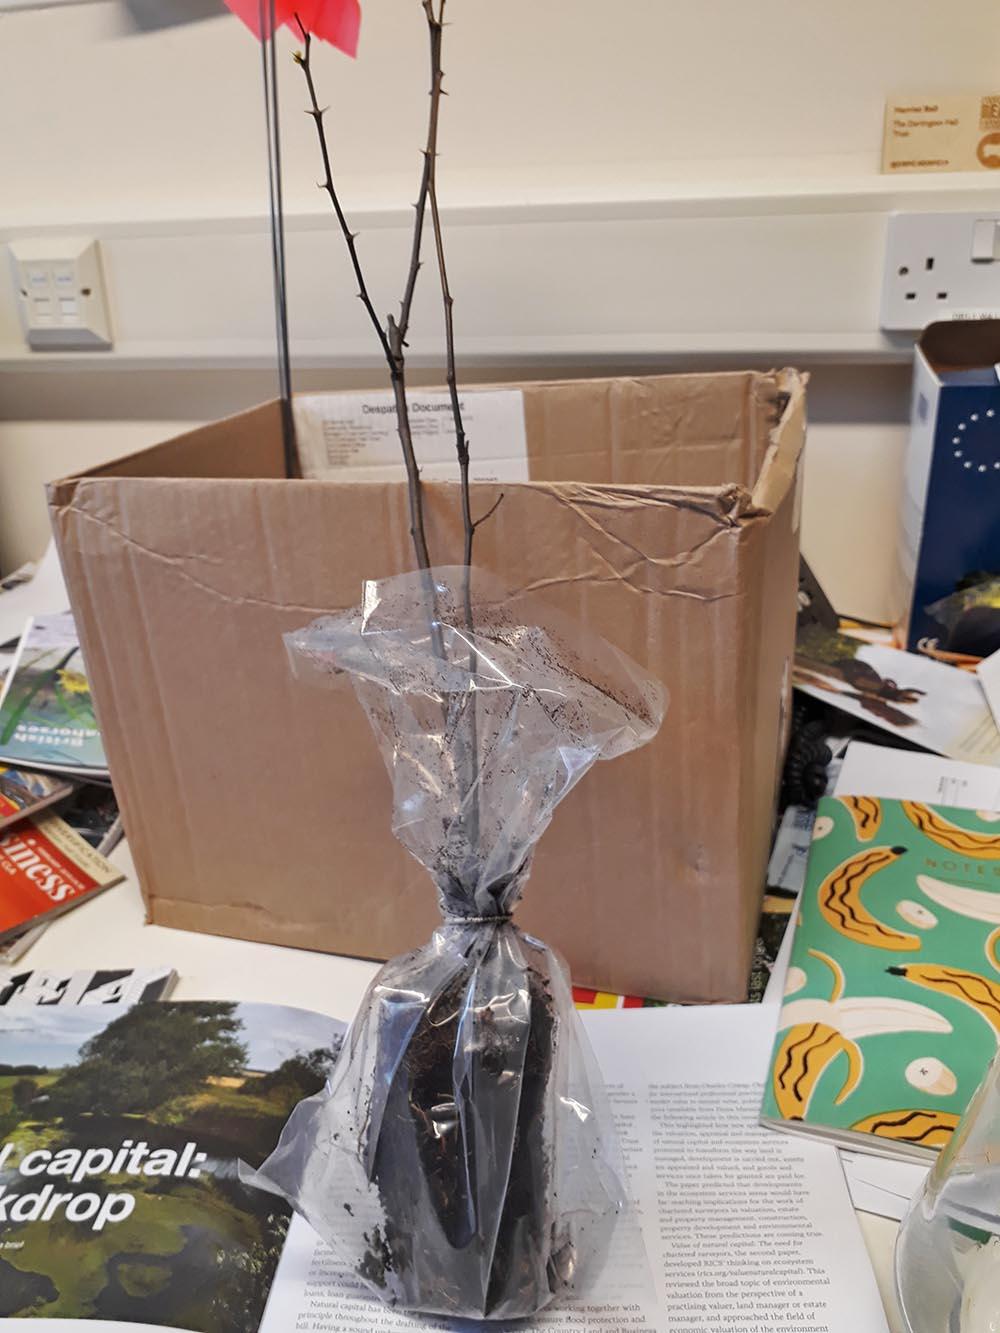 Black Locust tree on Harriet's desk